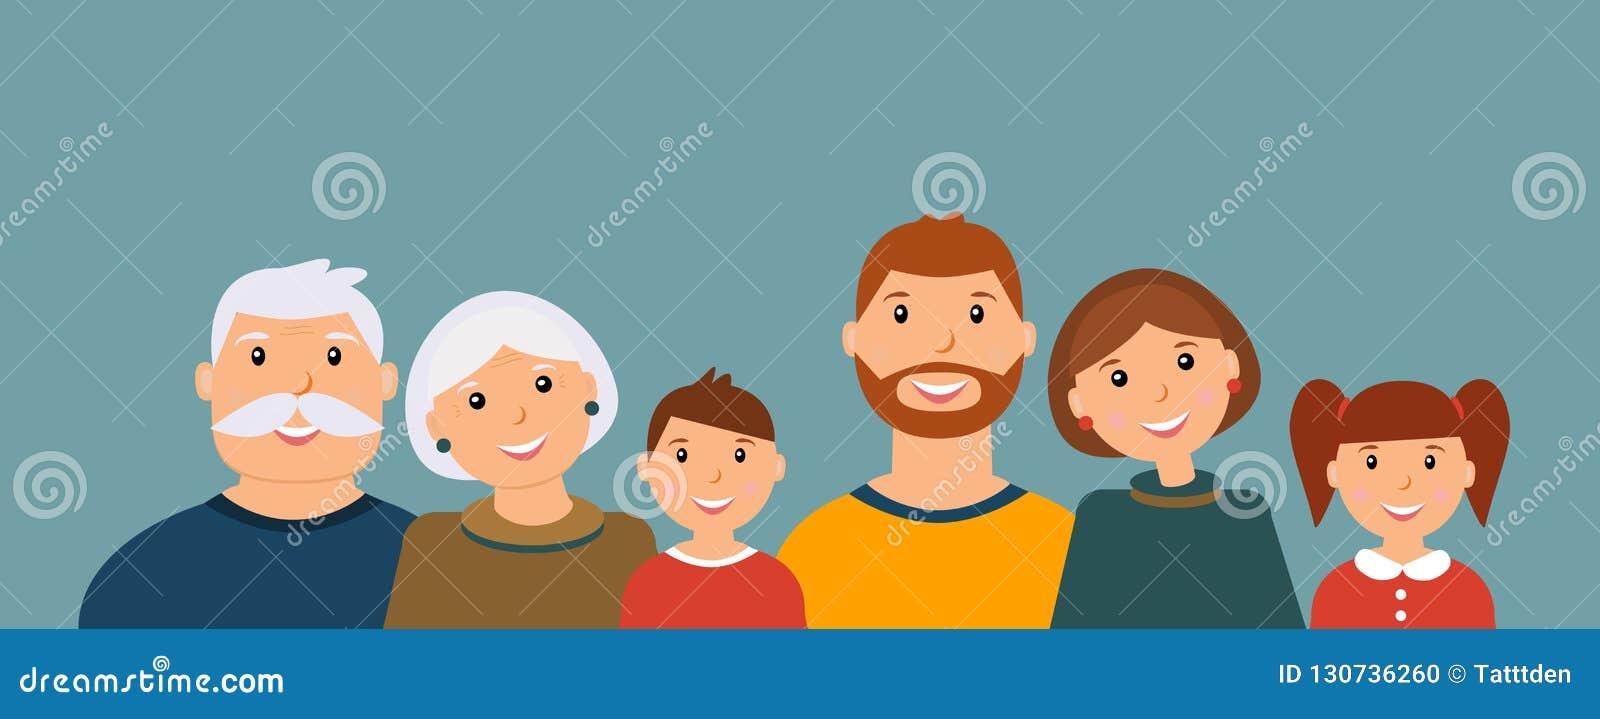 Gelukkig familieportret: grootvader, grootmoeder, vader, moeder, zoon en dochter